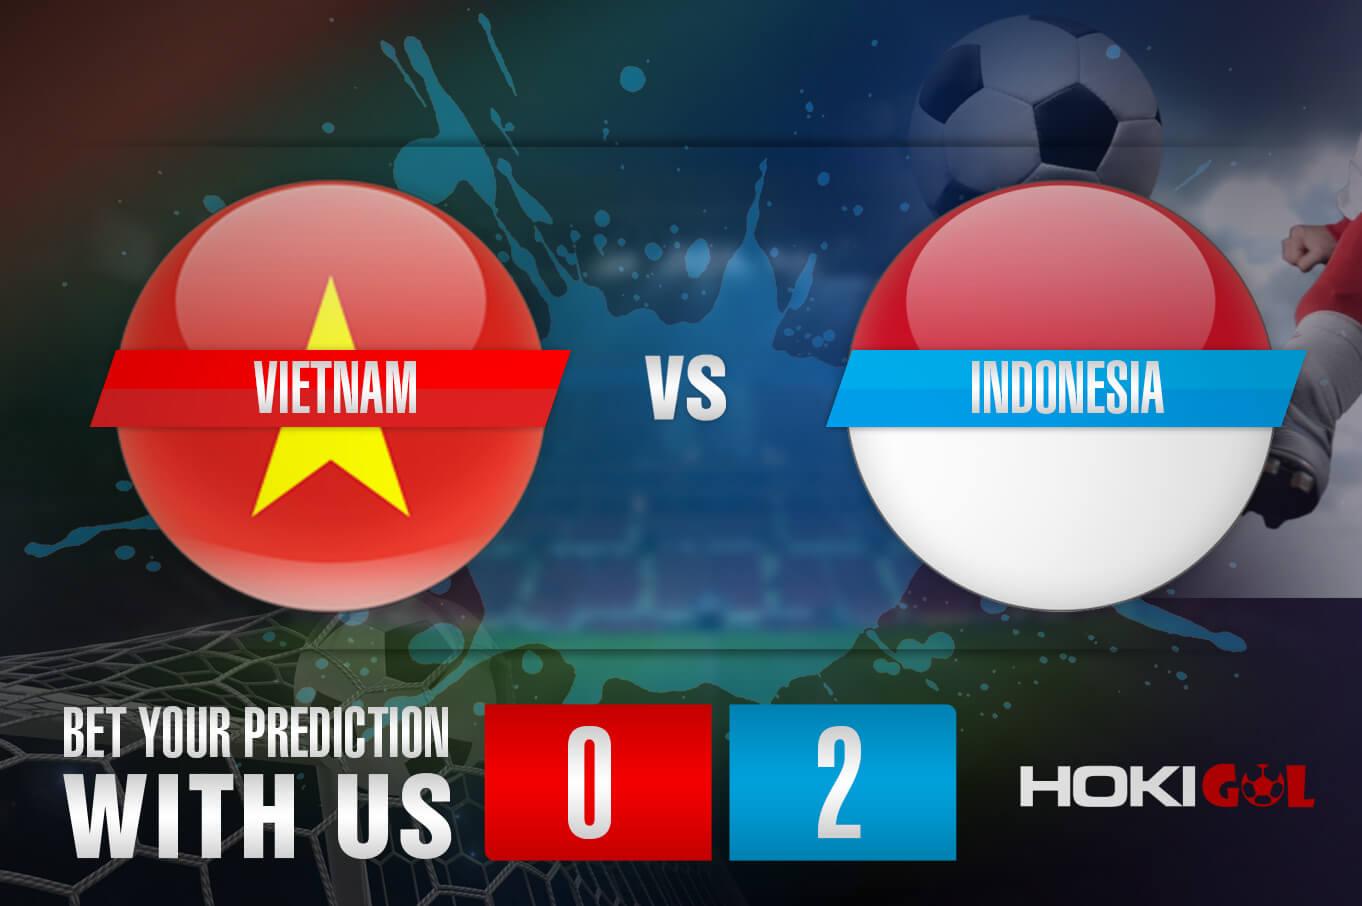 Prediksi Bola Vietnam Vs Indonesia 7 Juni 2021